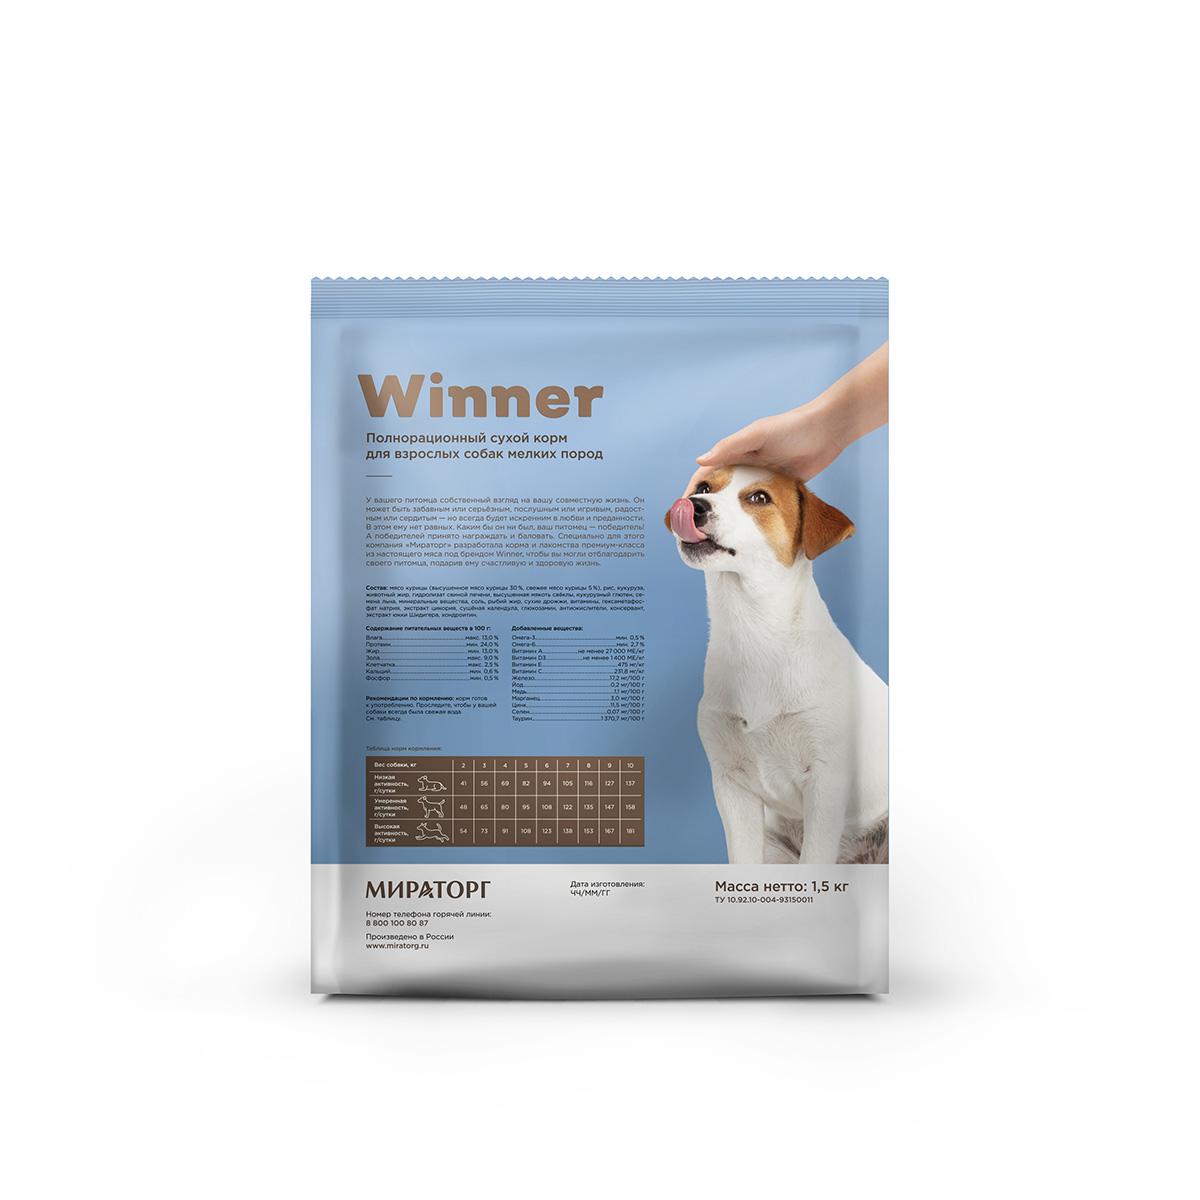 Полнорационный сухой корм для взрослых собак мелких пород из курицы 1,5 кг